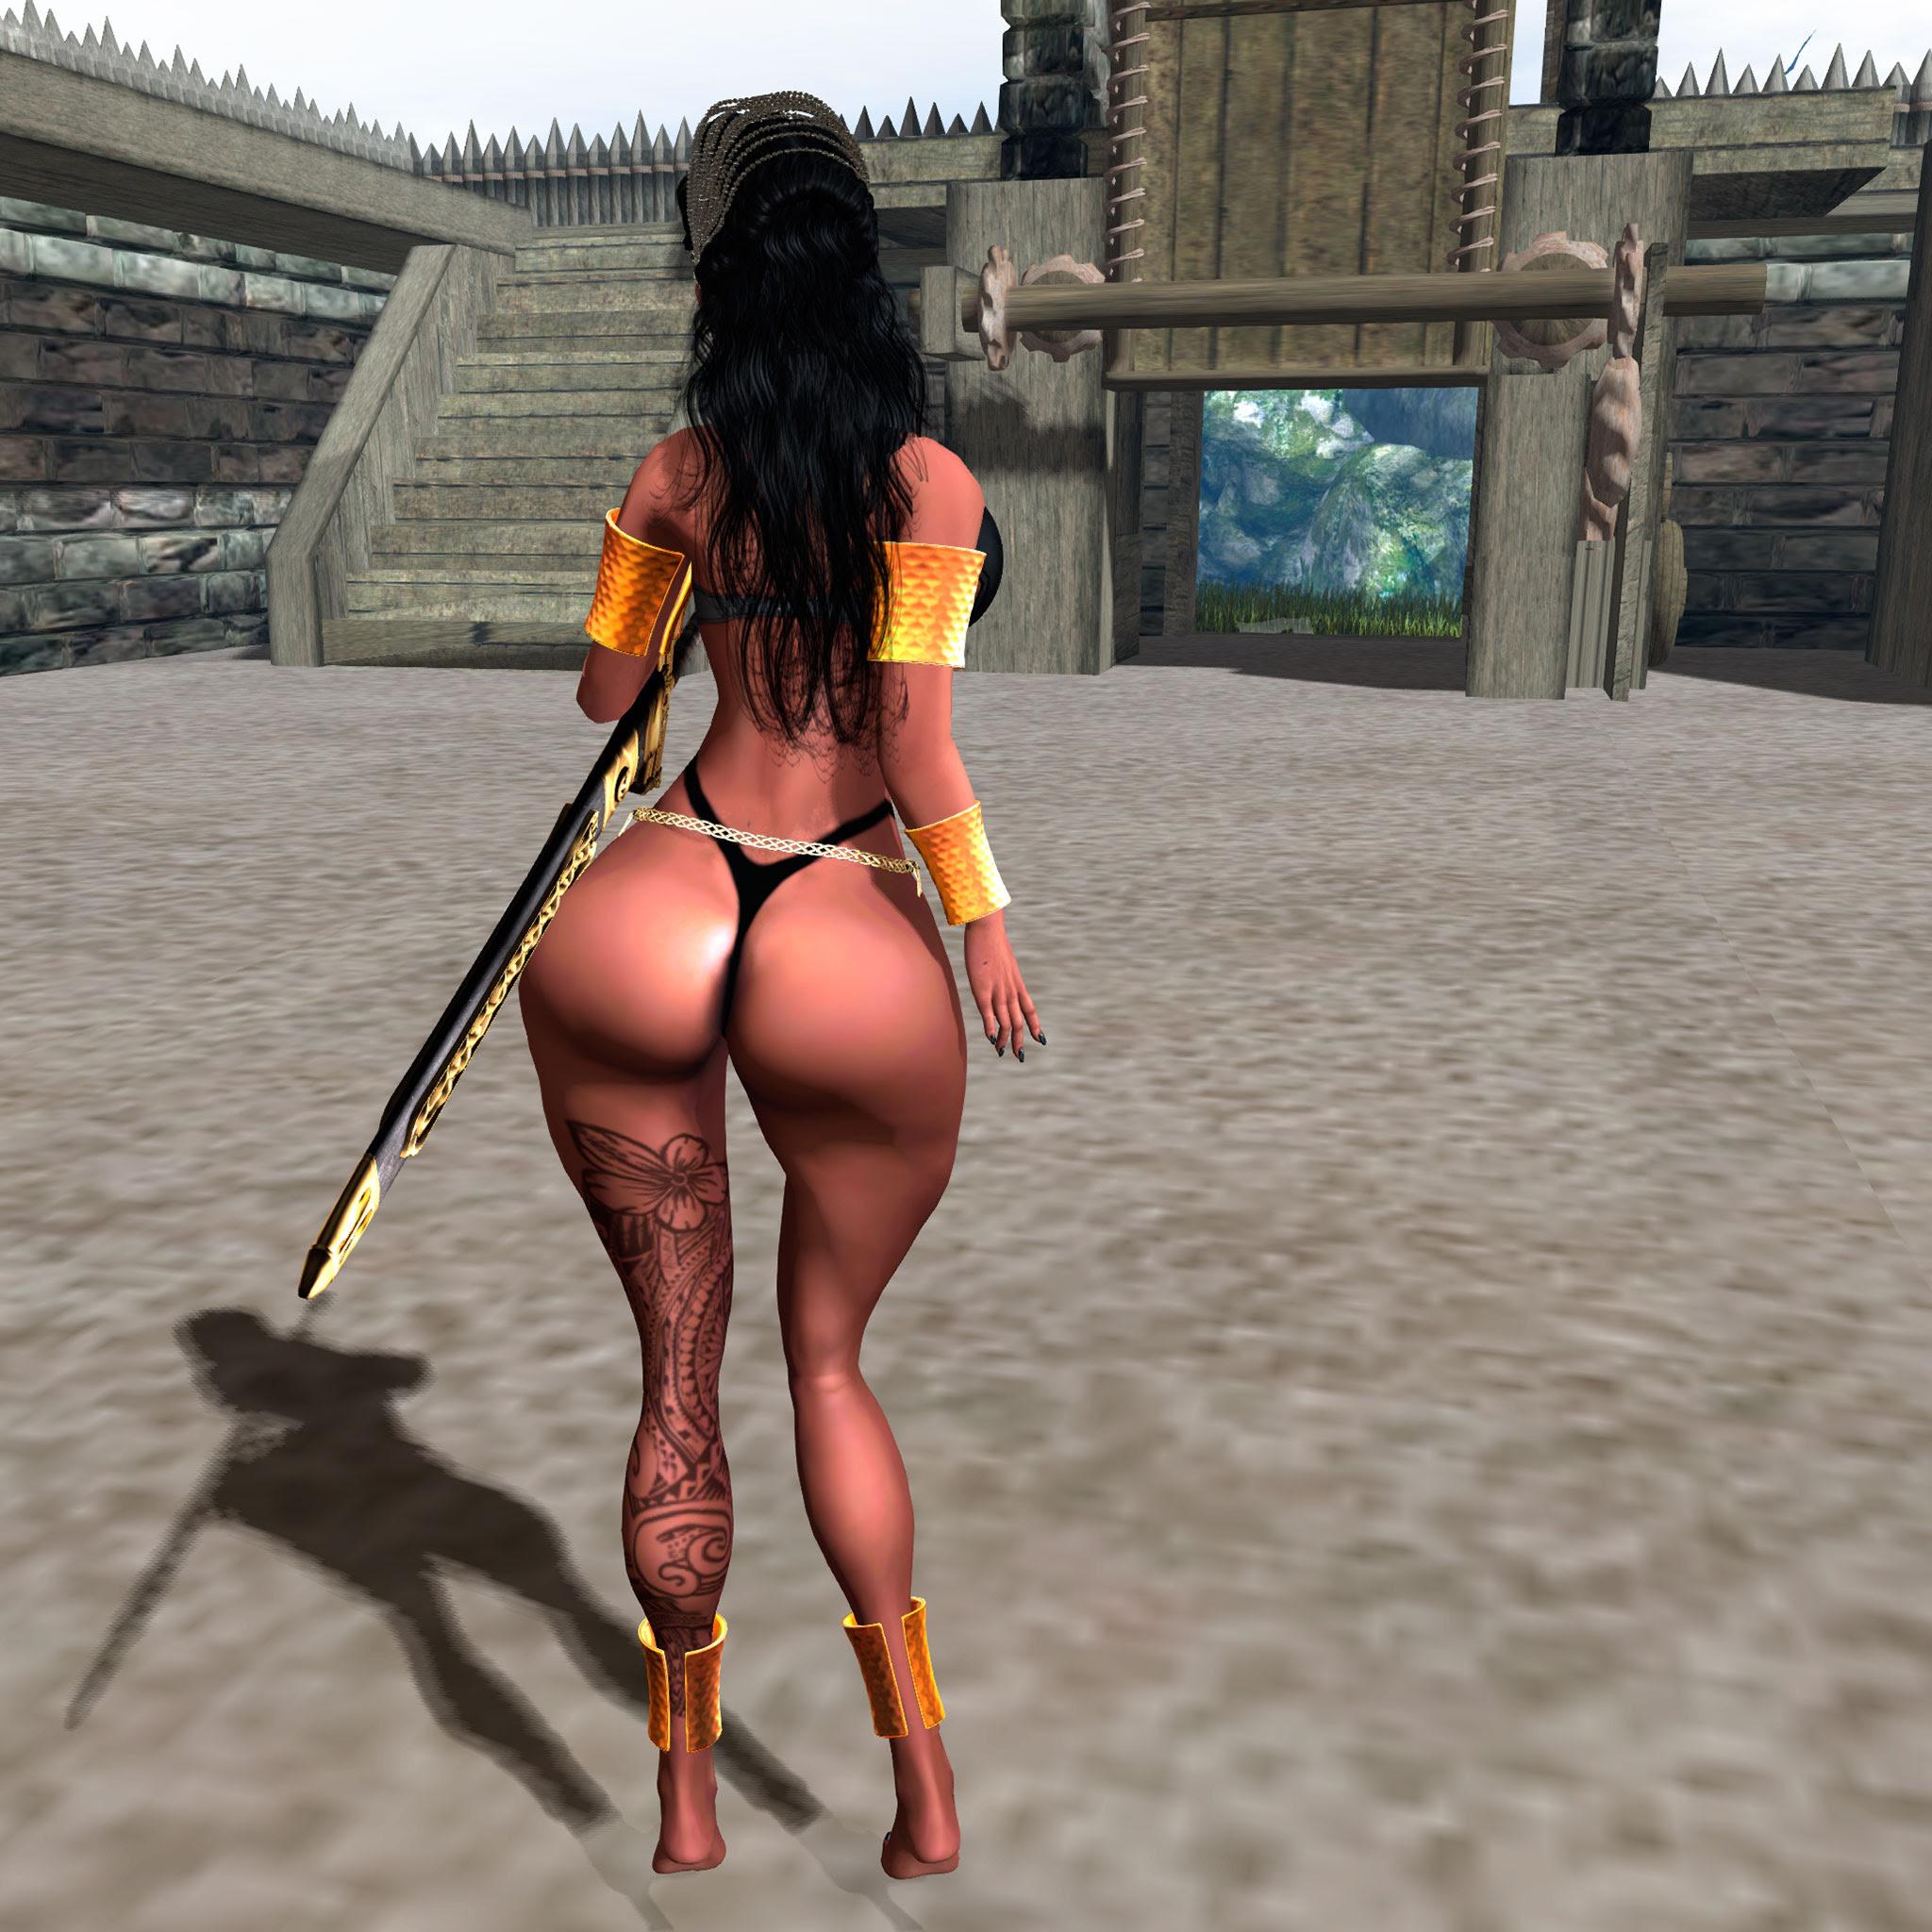 That butt...